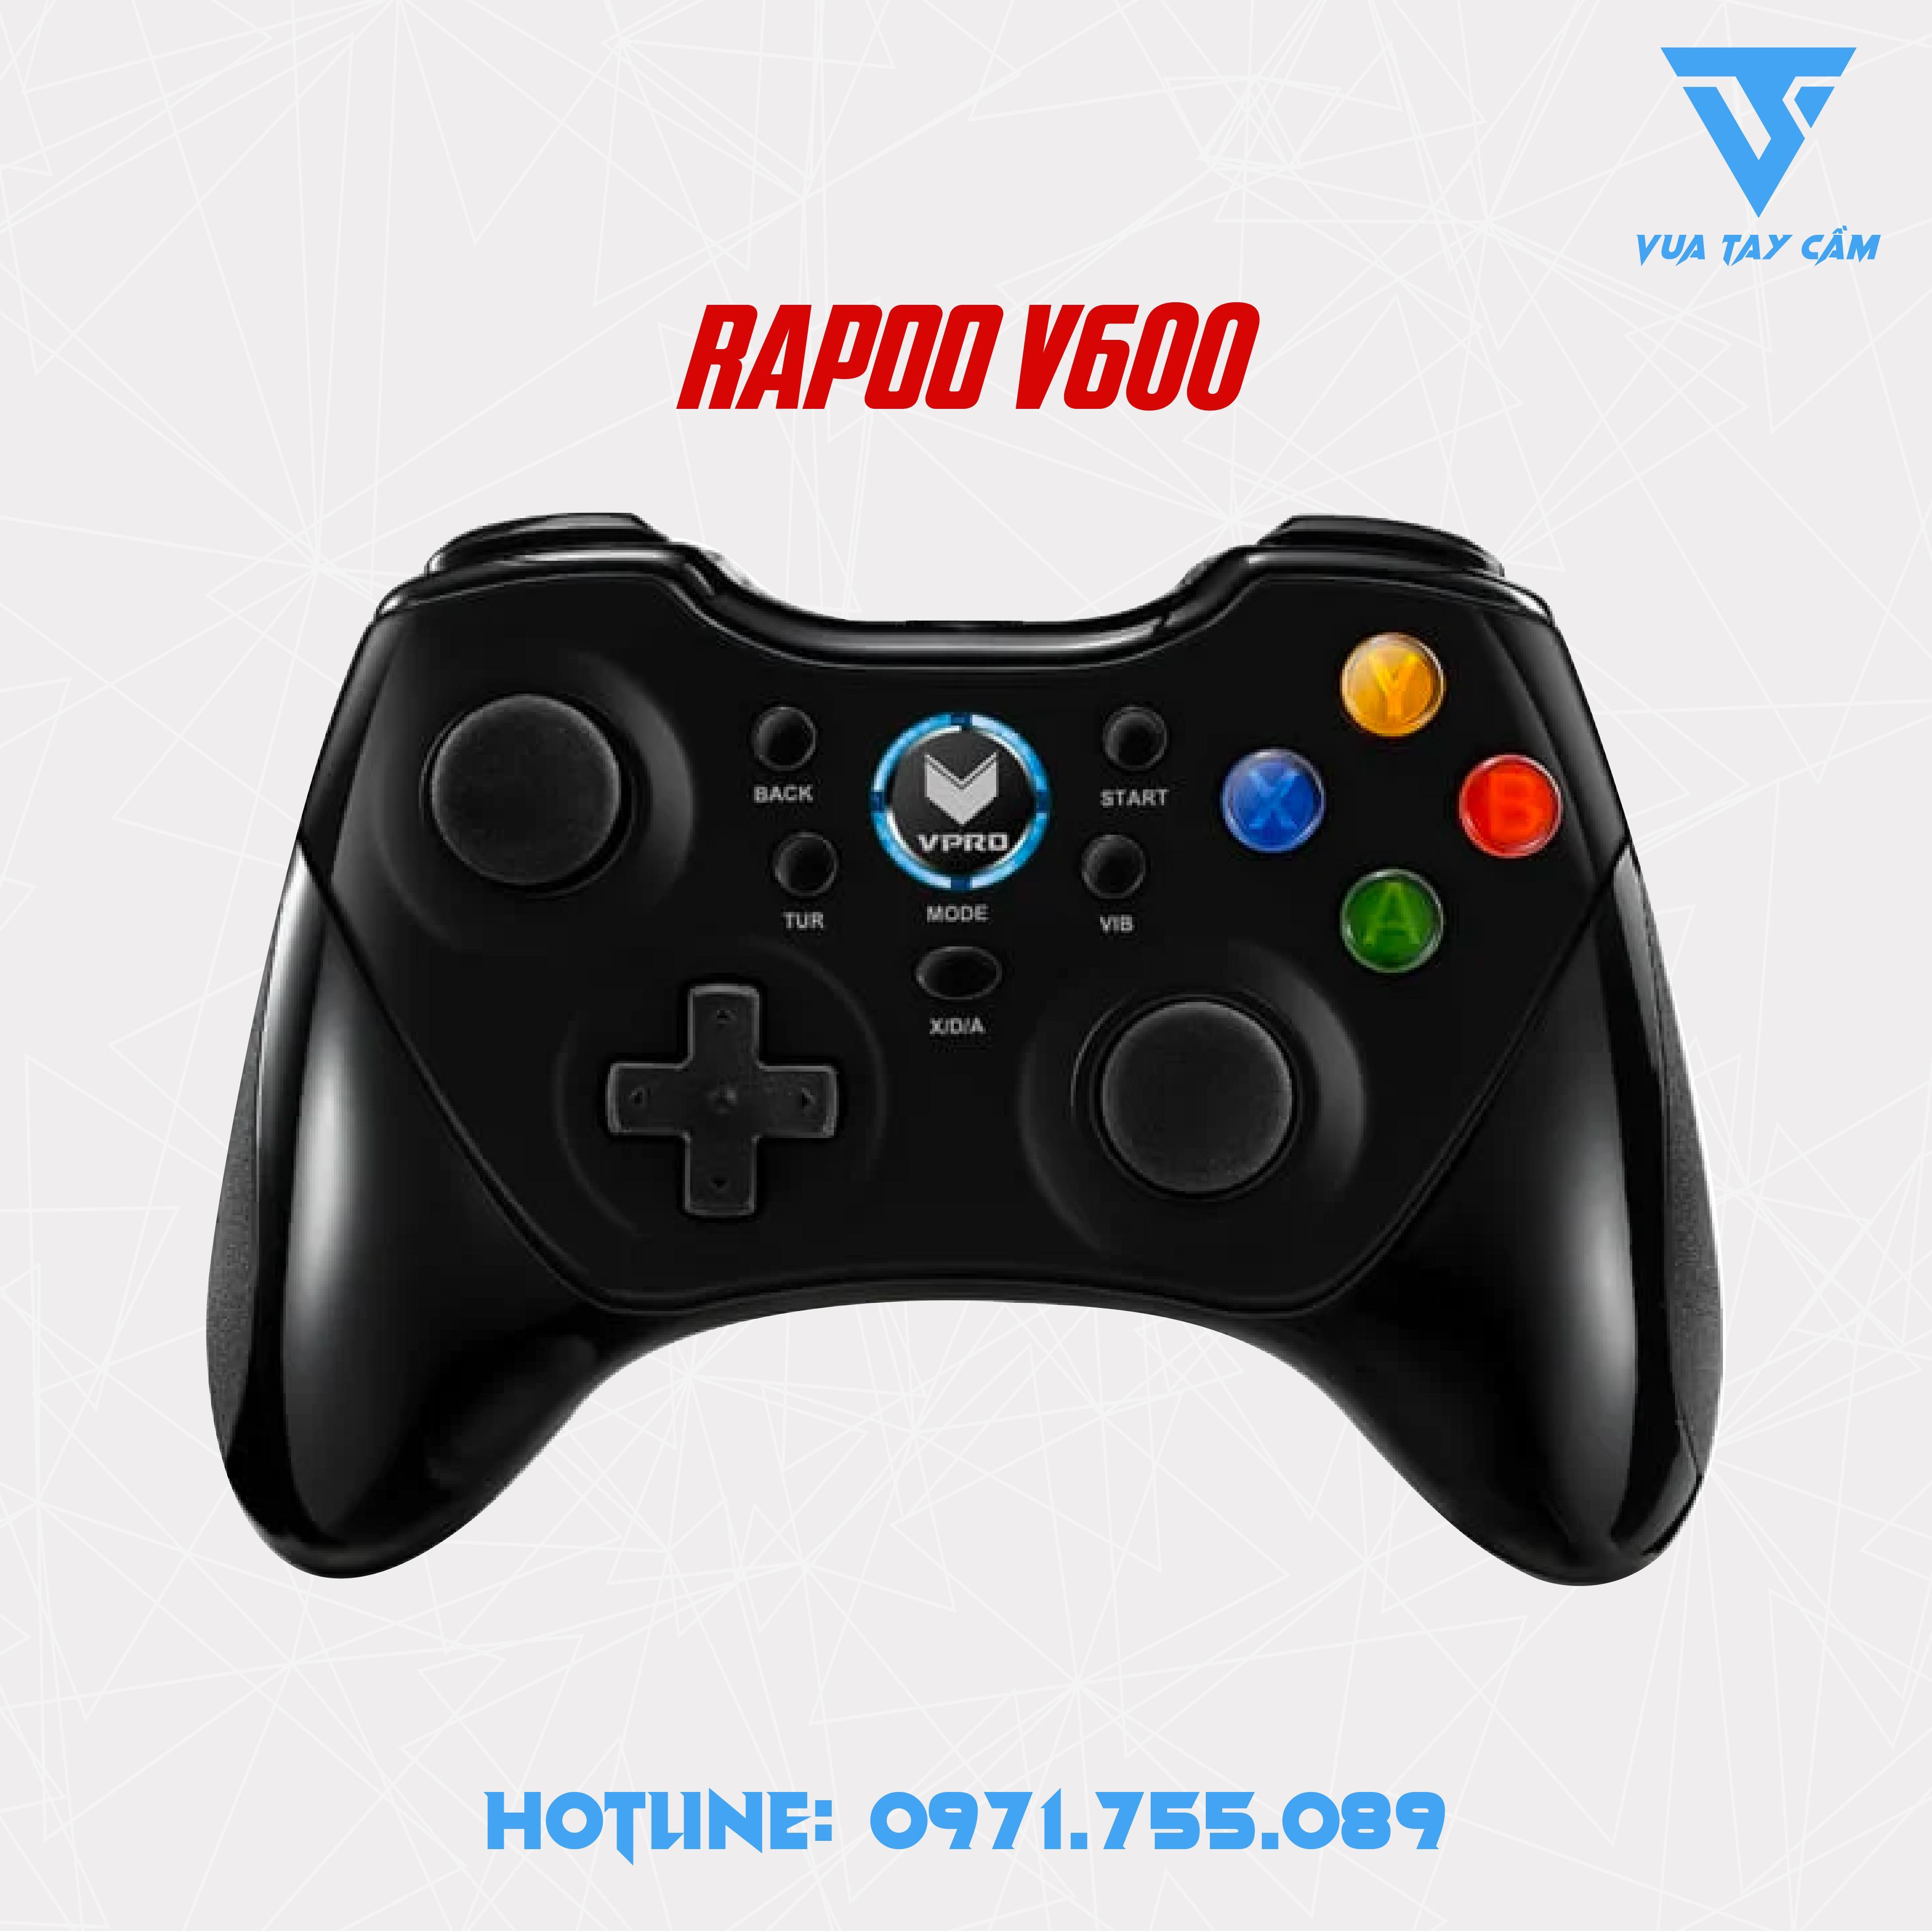 https://api.vuataycam.com/file/1601911728432-187837489-tay-cam-choi-game-rapoo-v600.jpg